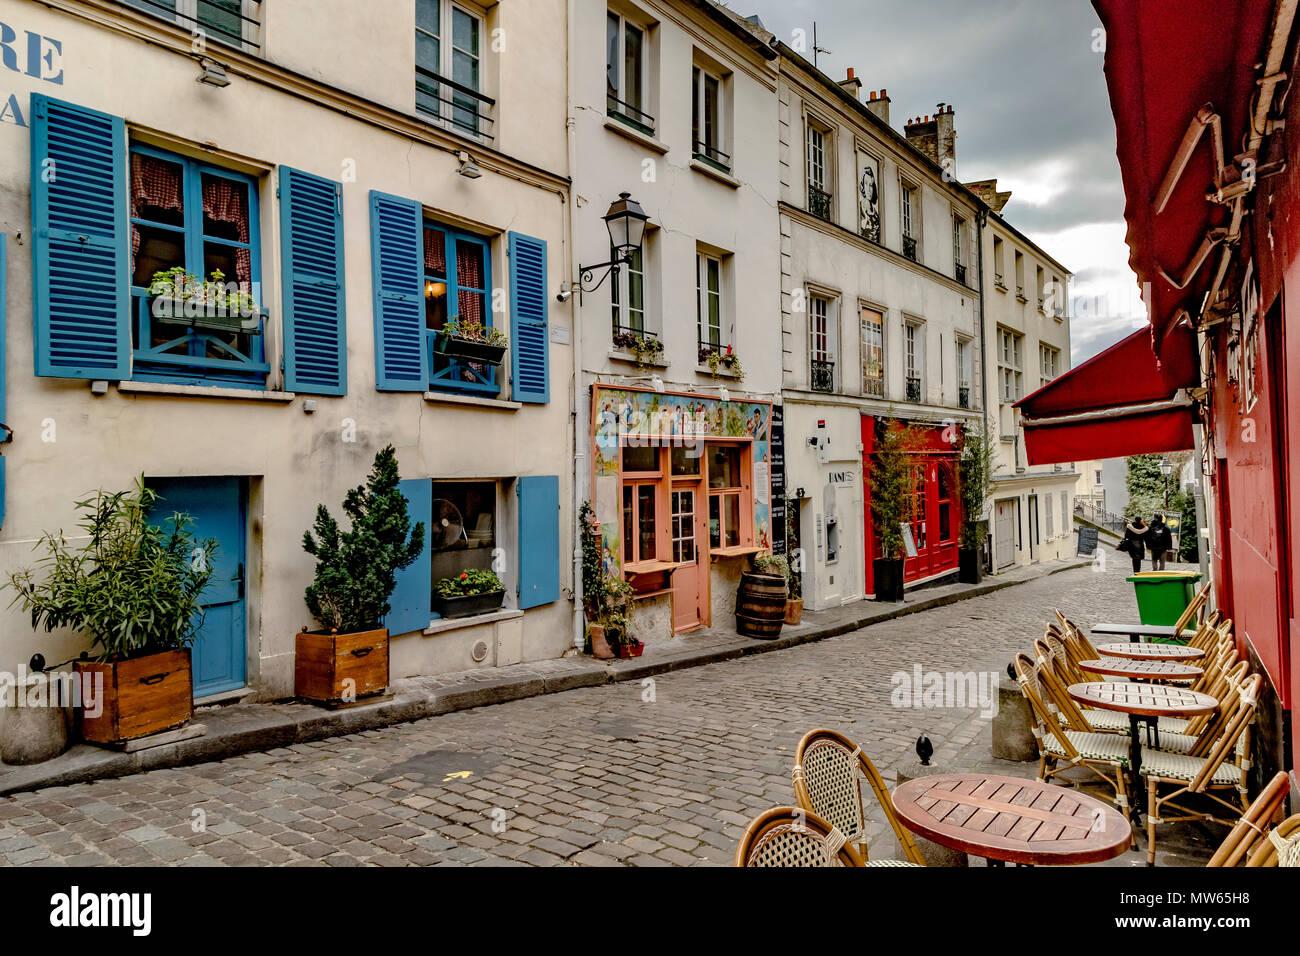 La Pétaudière , Montmartre,Paris - Stock Image